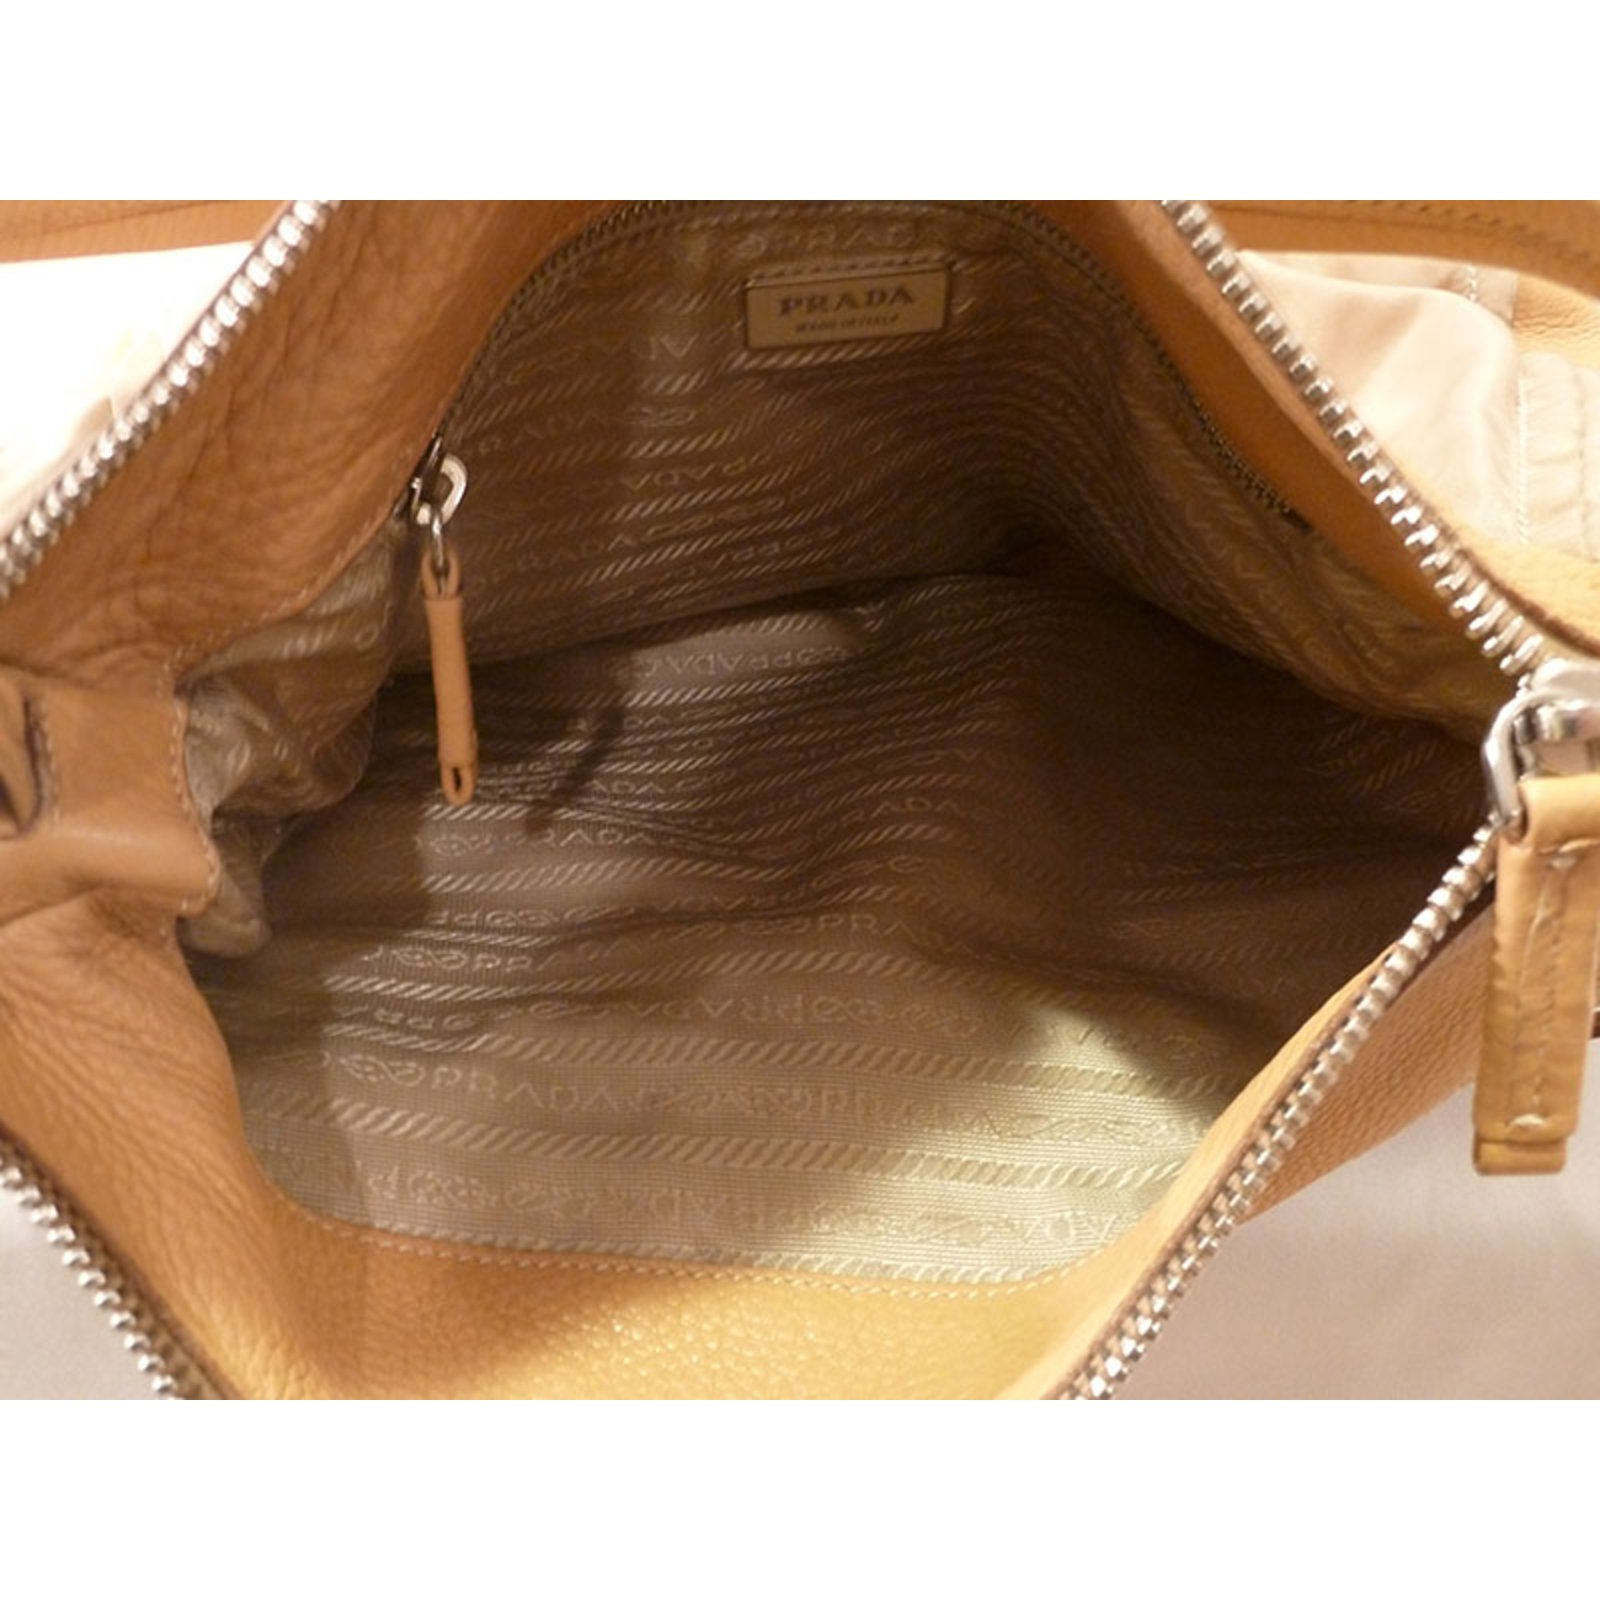 e44b036dc3 Prada Hobo Bag Handbags Leather Beige ref.21684 - Joli Closet